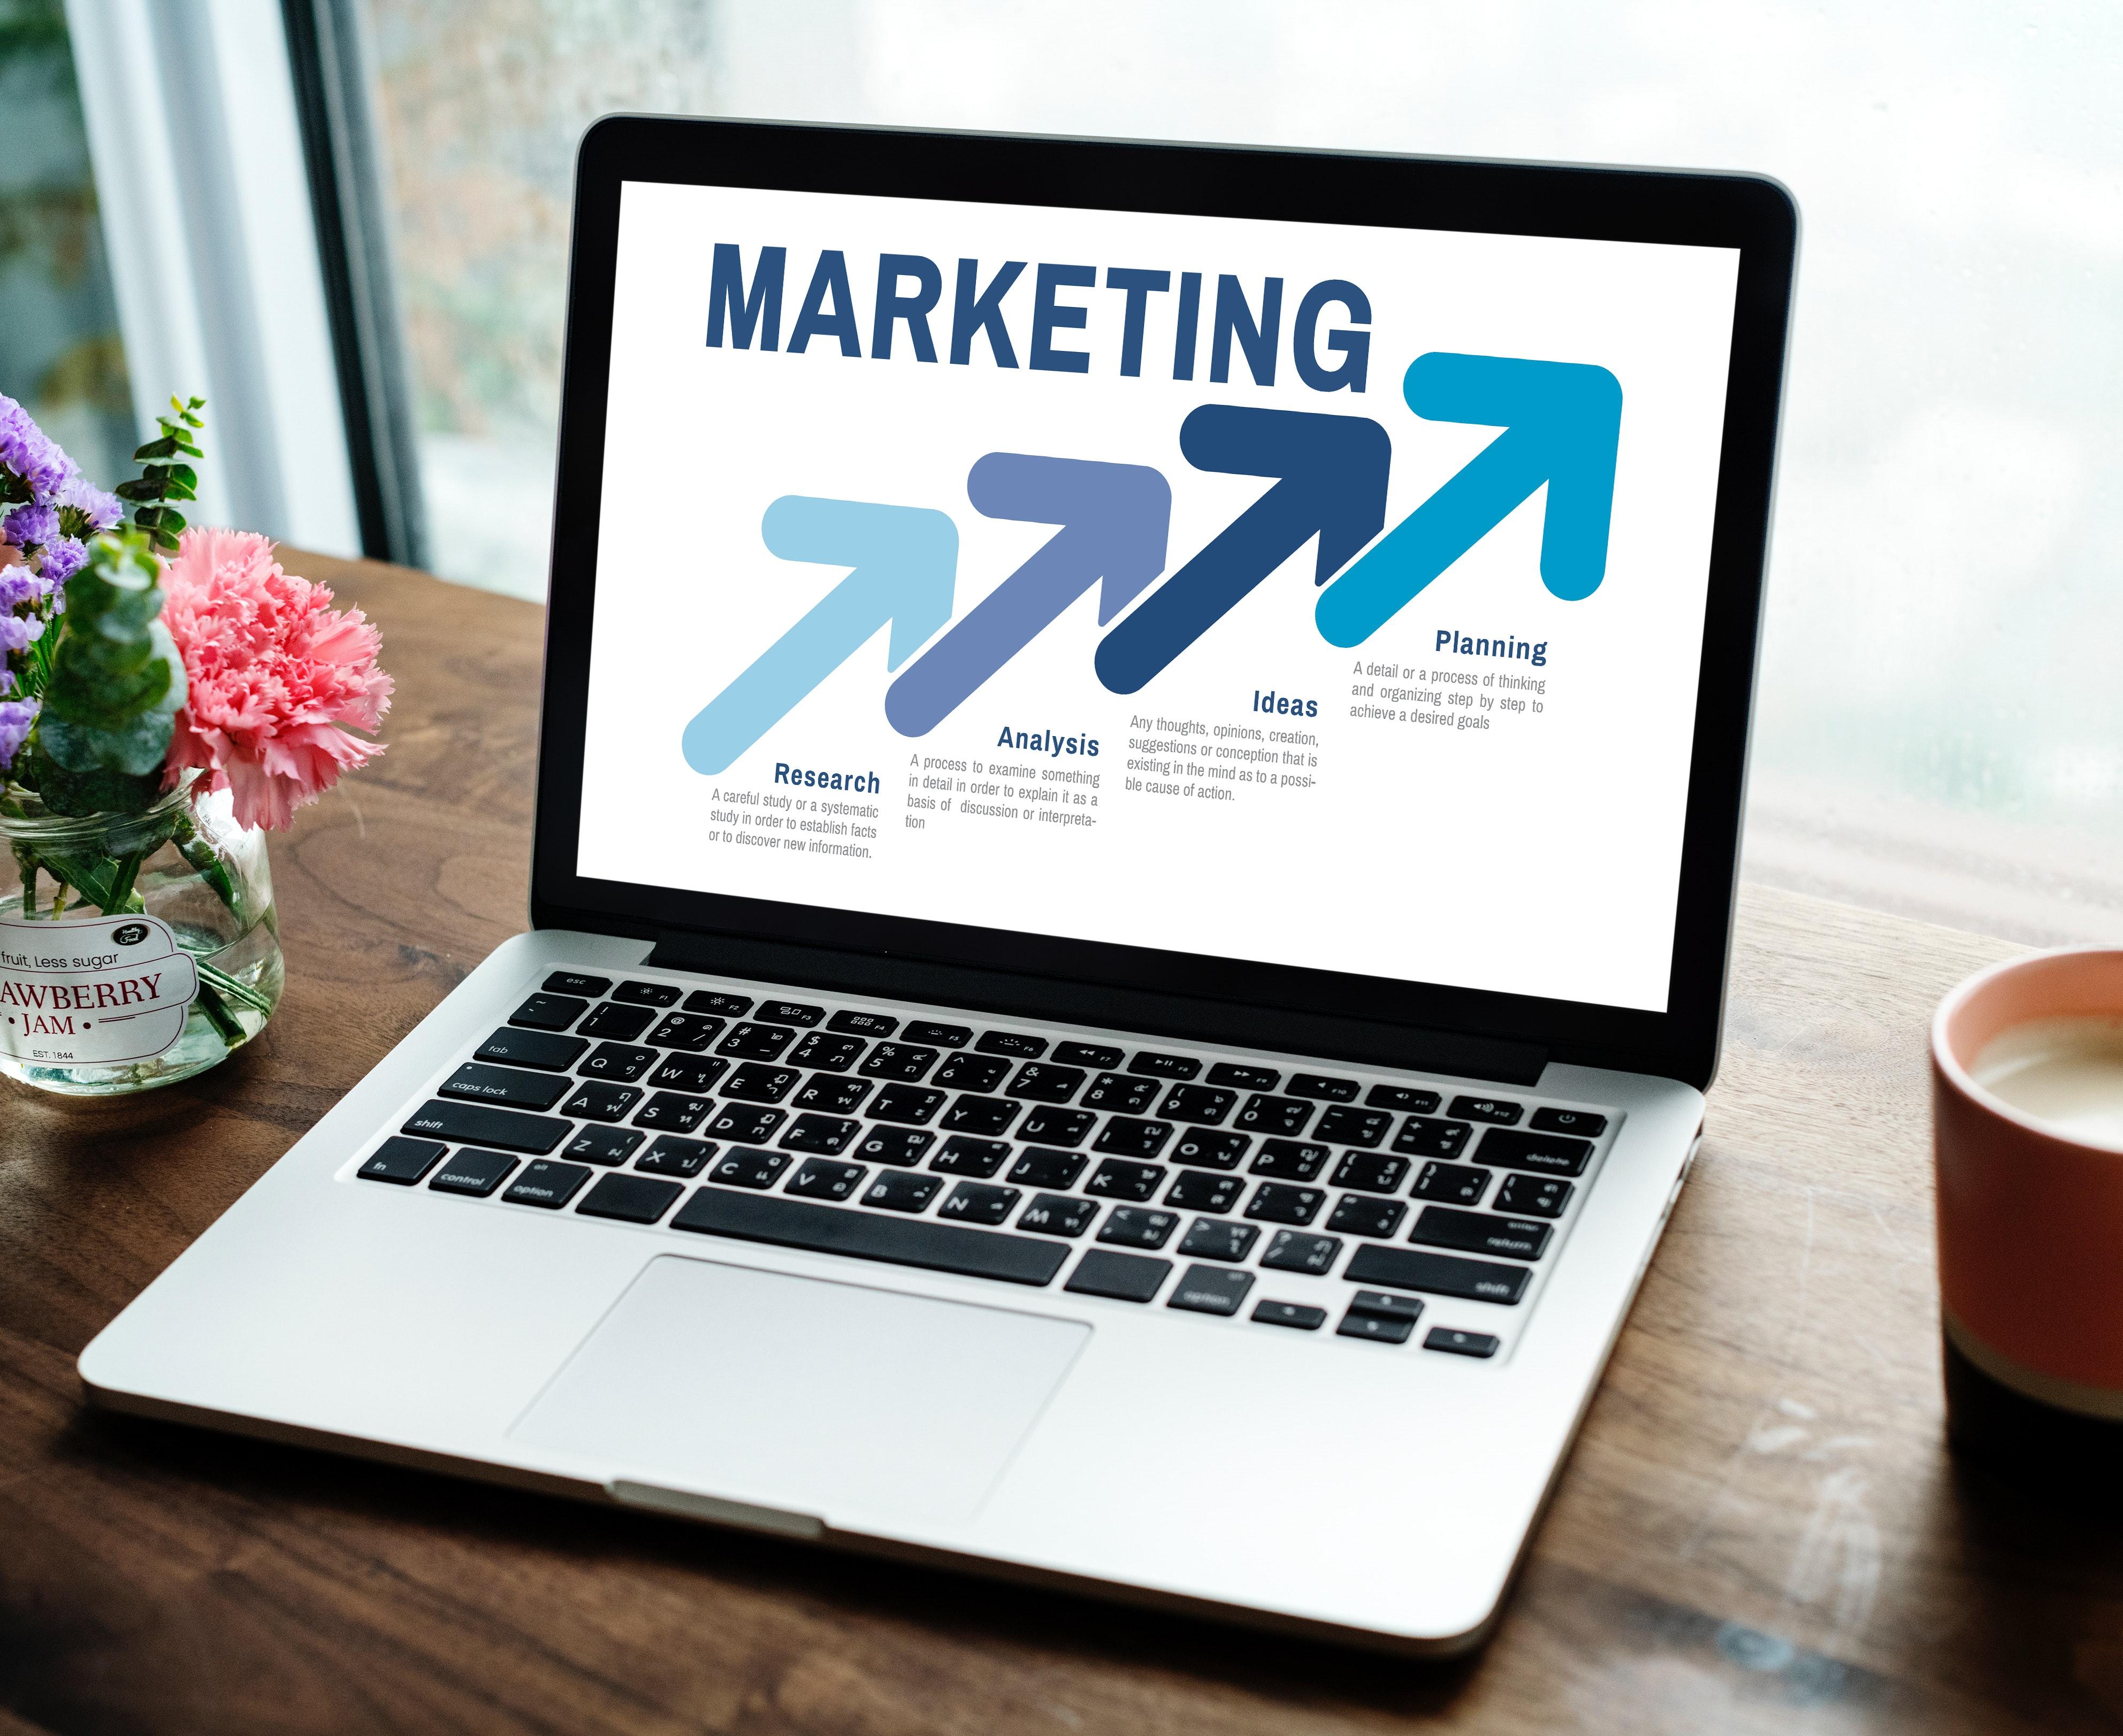 Réaliser une veille marketing, très important dans tous les secteurs